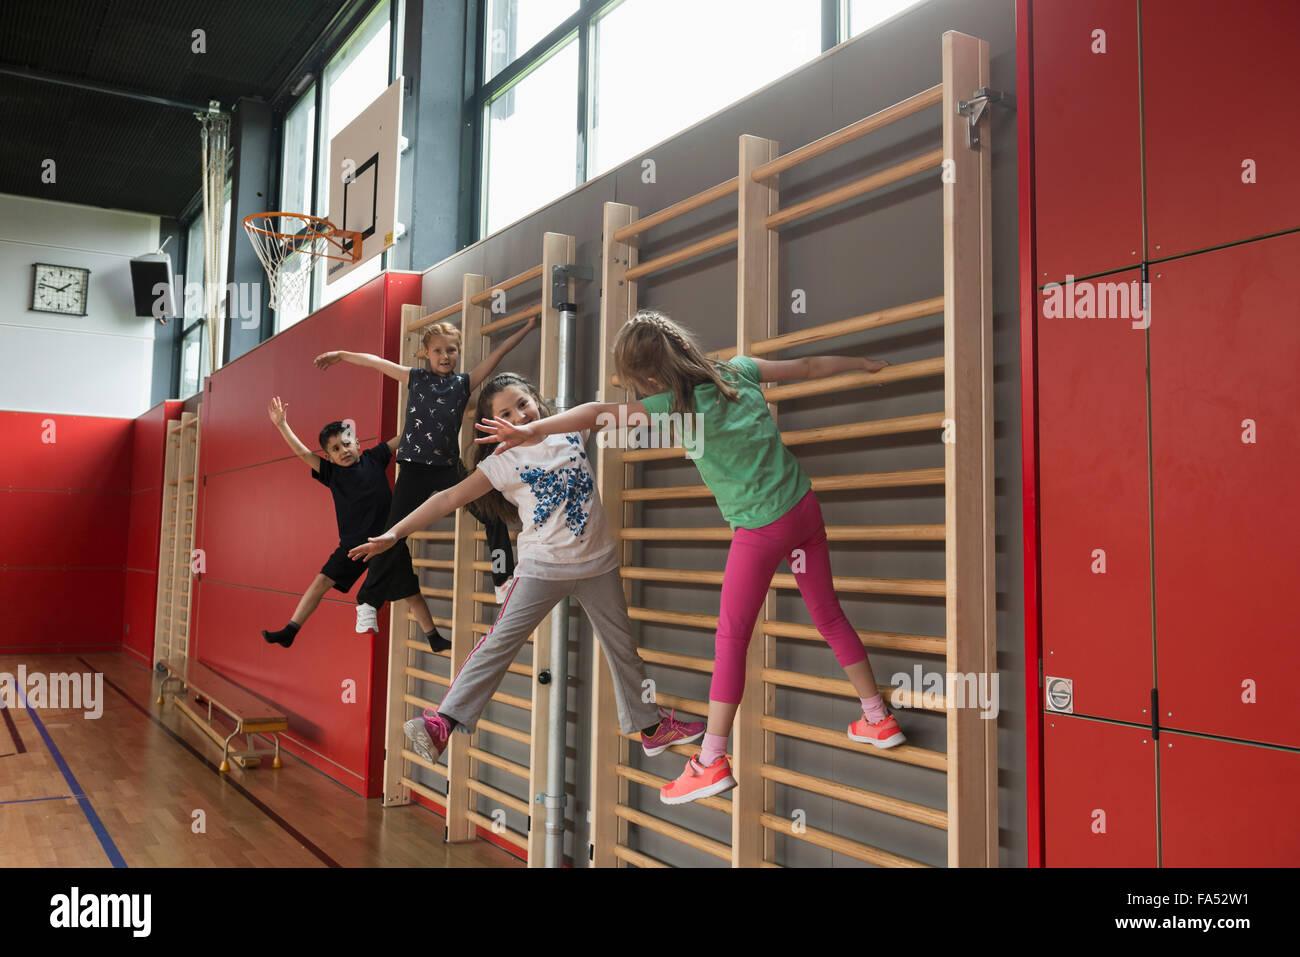 Quatre enfants exerçant sur le mur de bars dans sports hall, Munich, Bavière, Allemagne Photo Stock